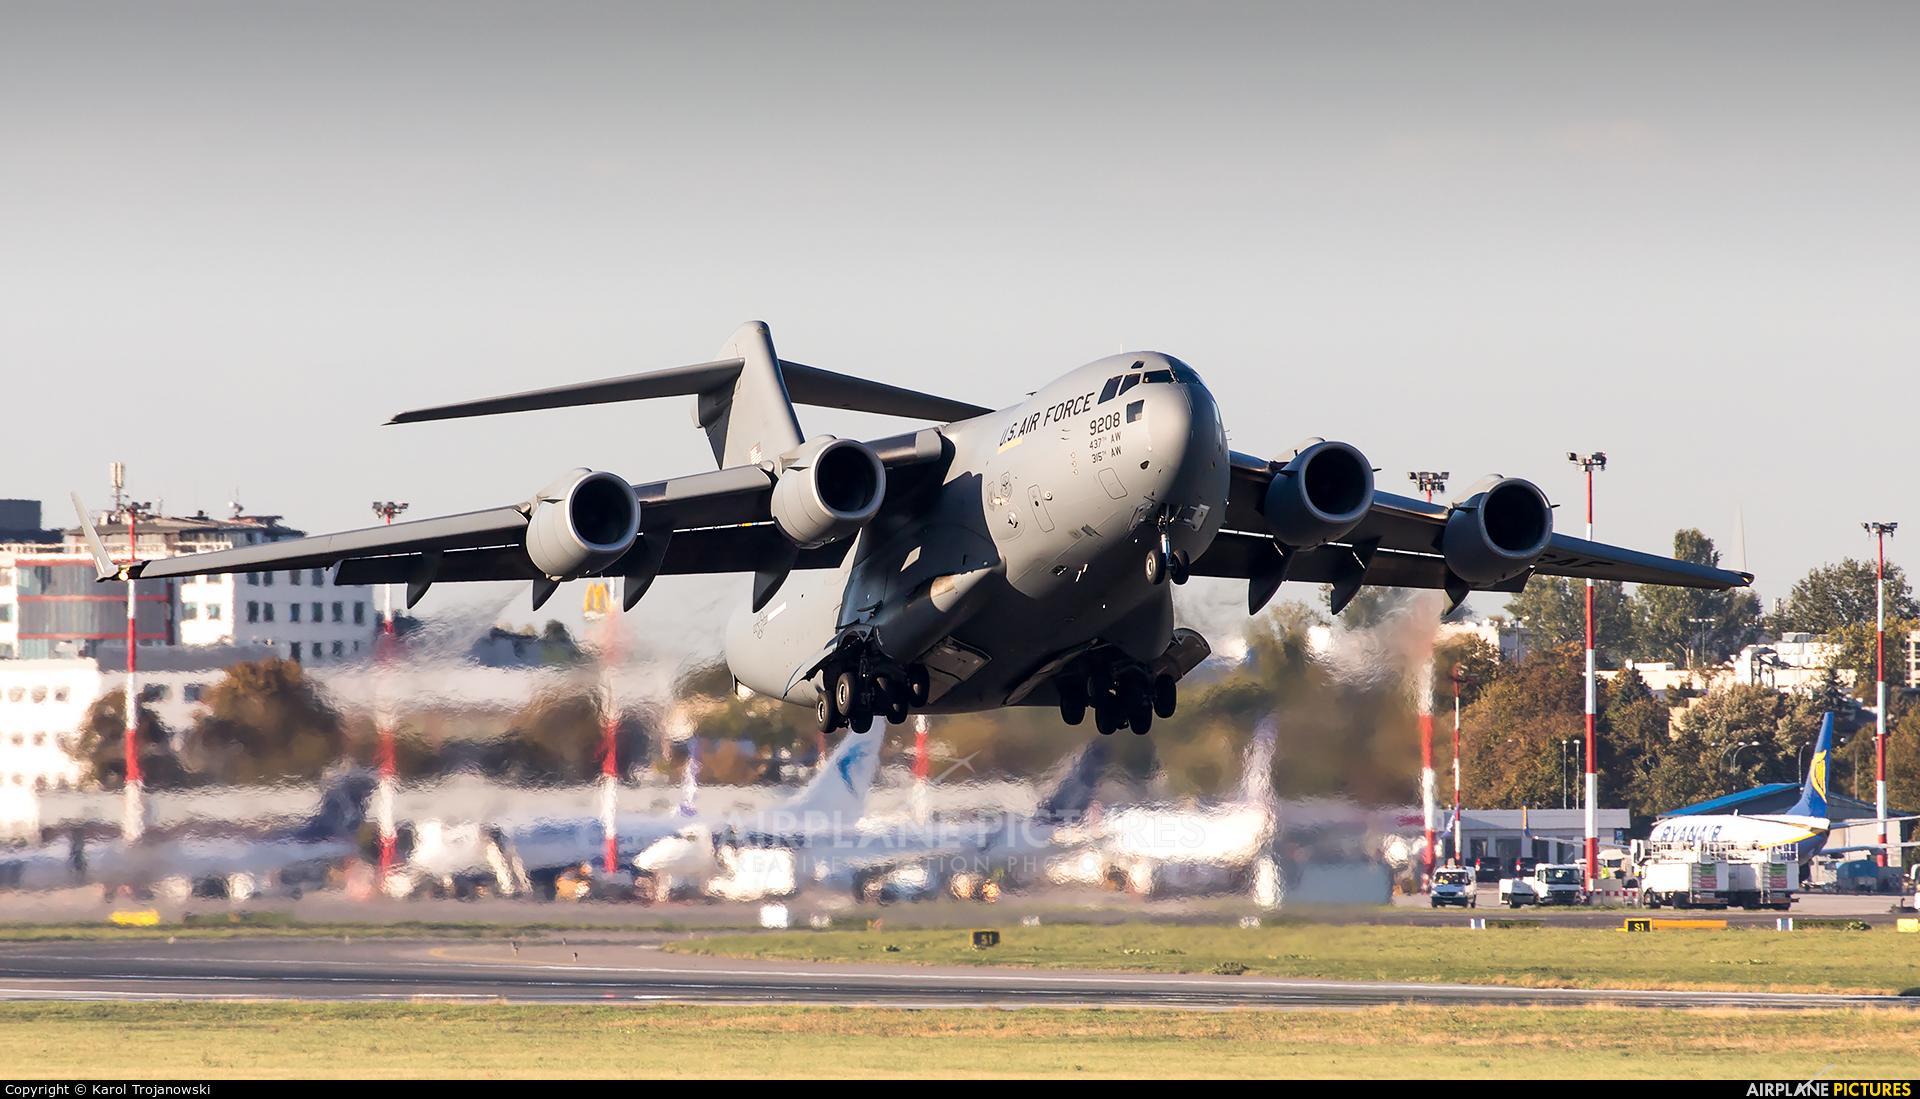 USA - Air Force 09-9208 aircraft at Warsaw - Frederic Chopin